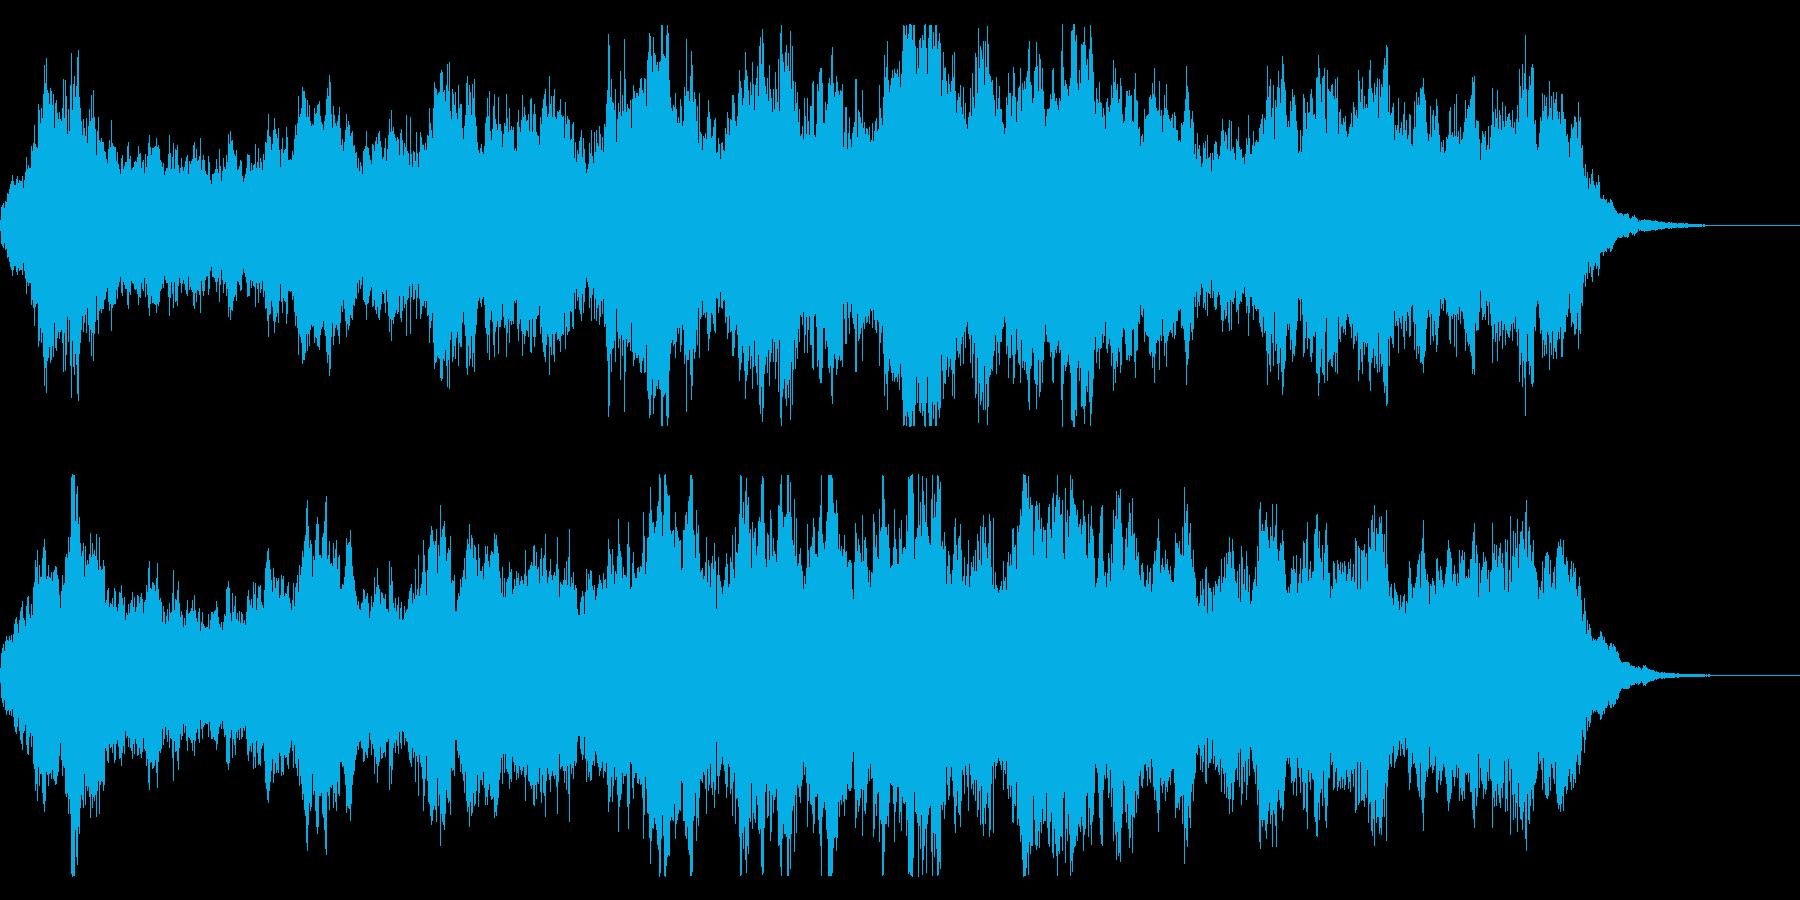 哀愁感のあるファンタジー系 ストリングスの再生済みの波形